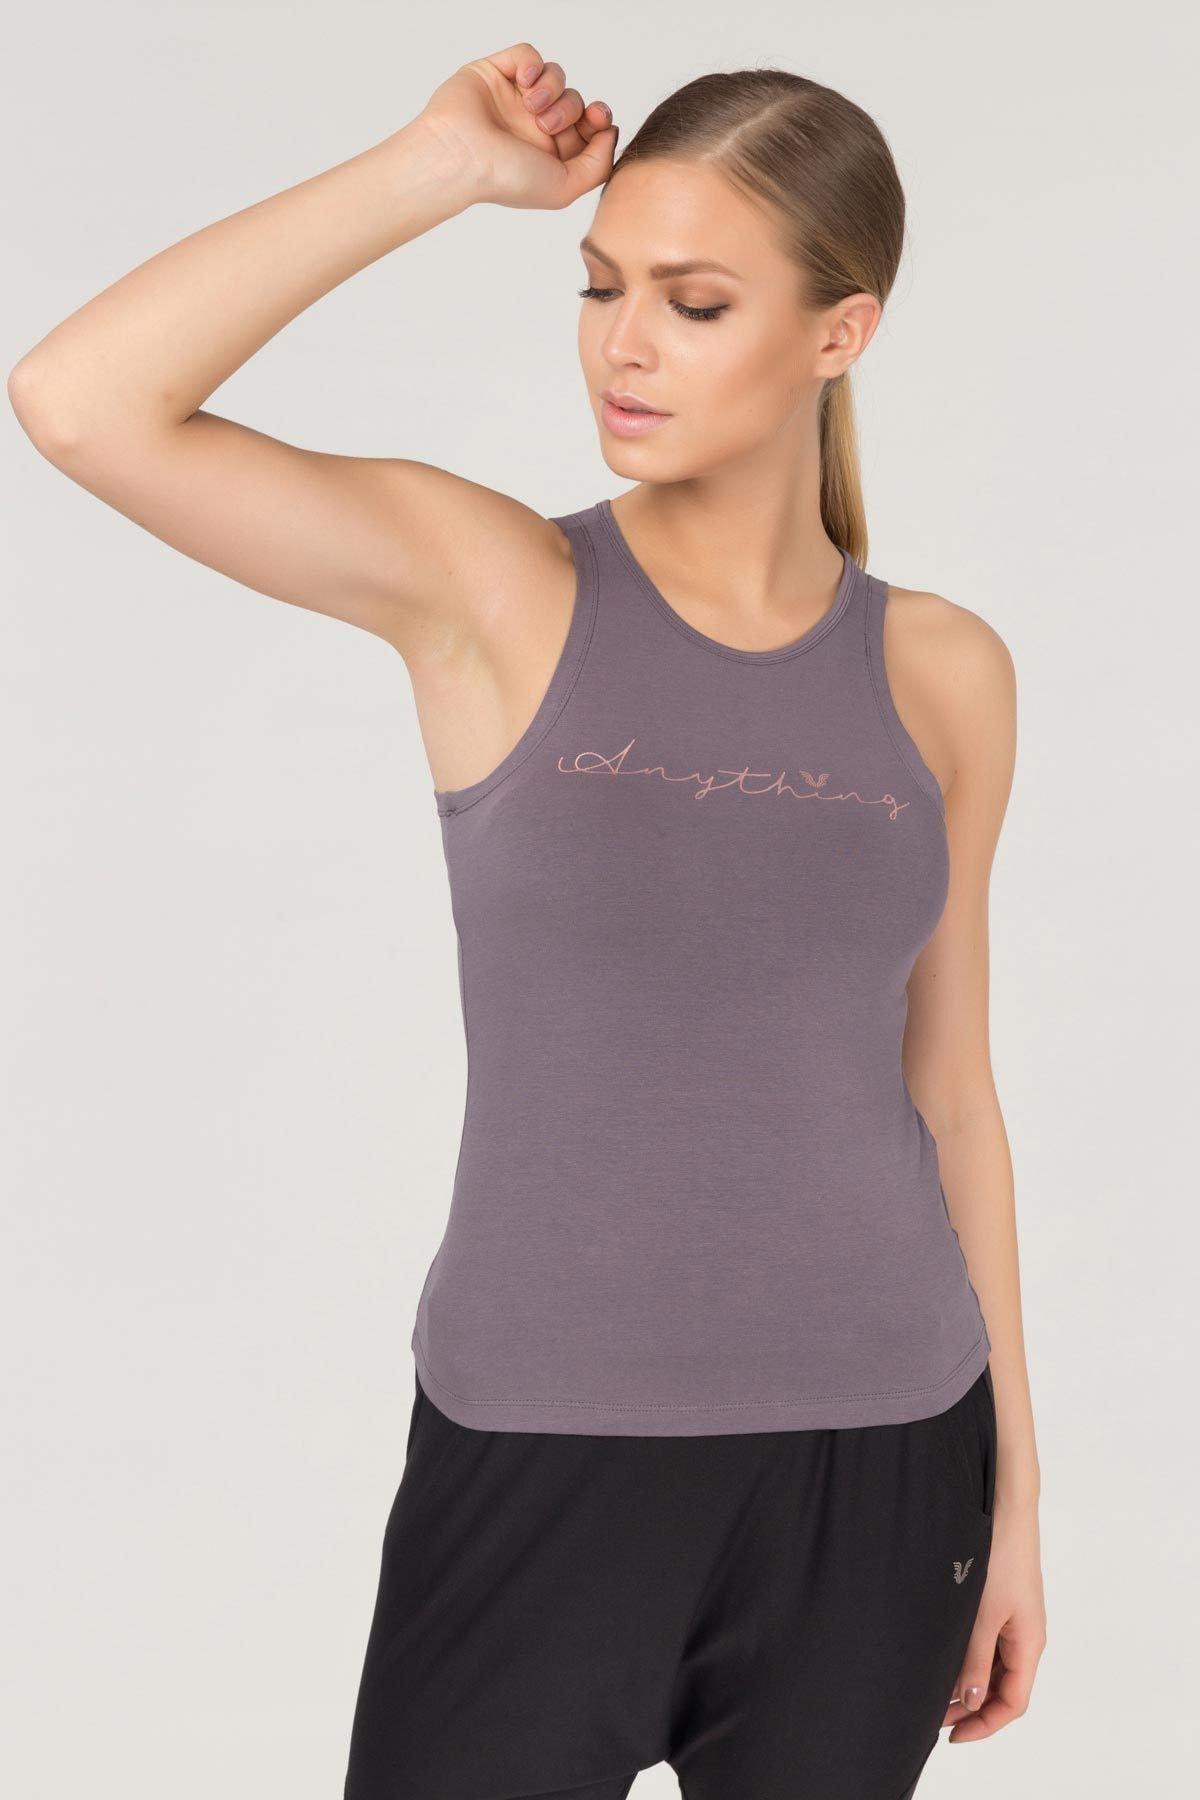 bilcee Mor Pamuklu Yoga Kadın Atleti FS-4018 1